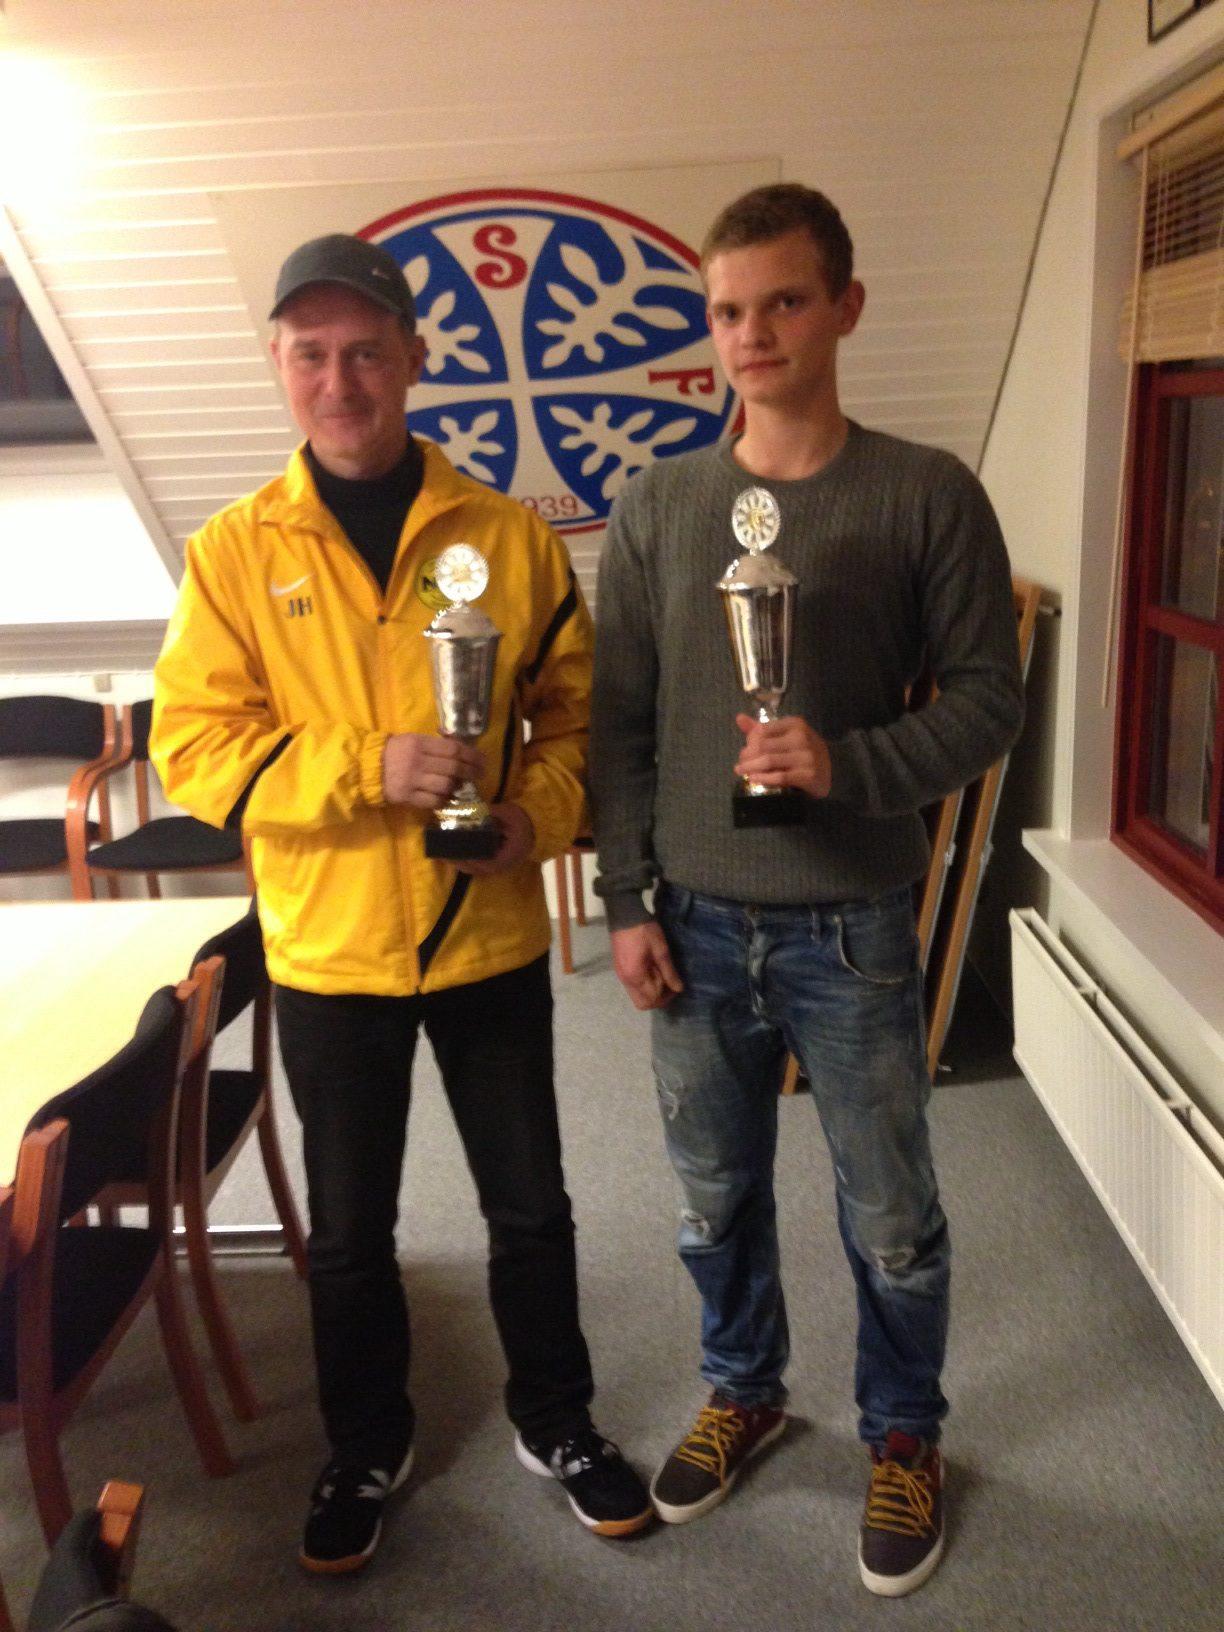 Jonhard og Meinhard heiðraðir.